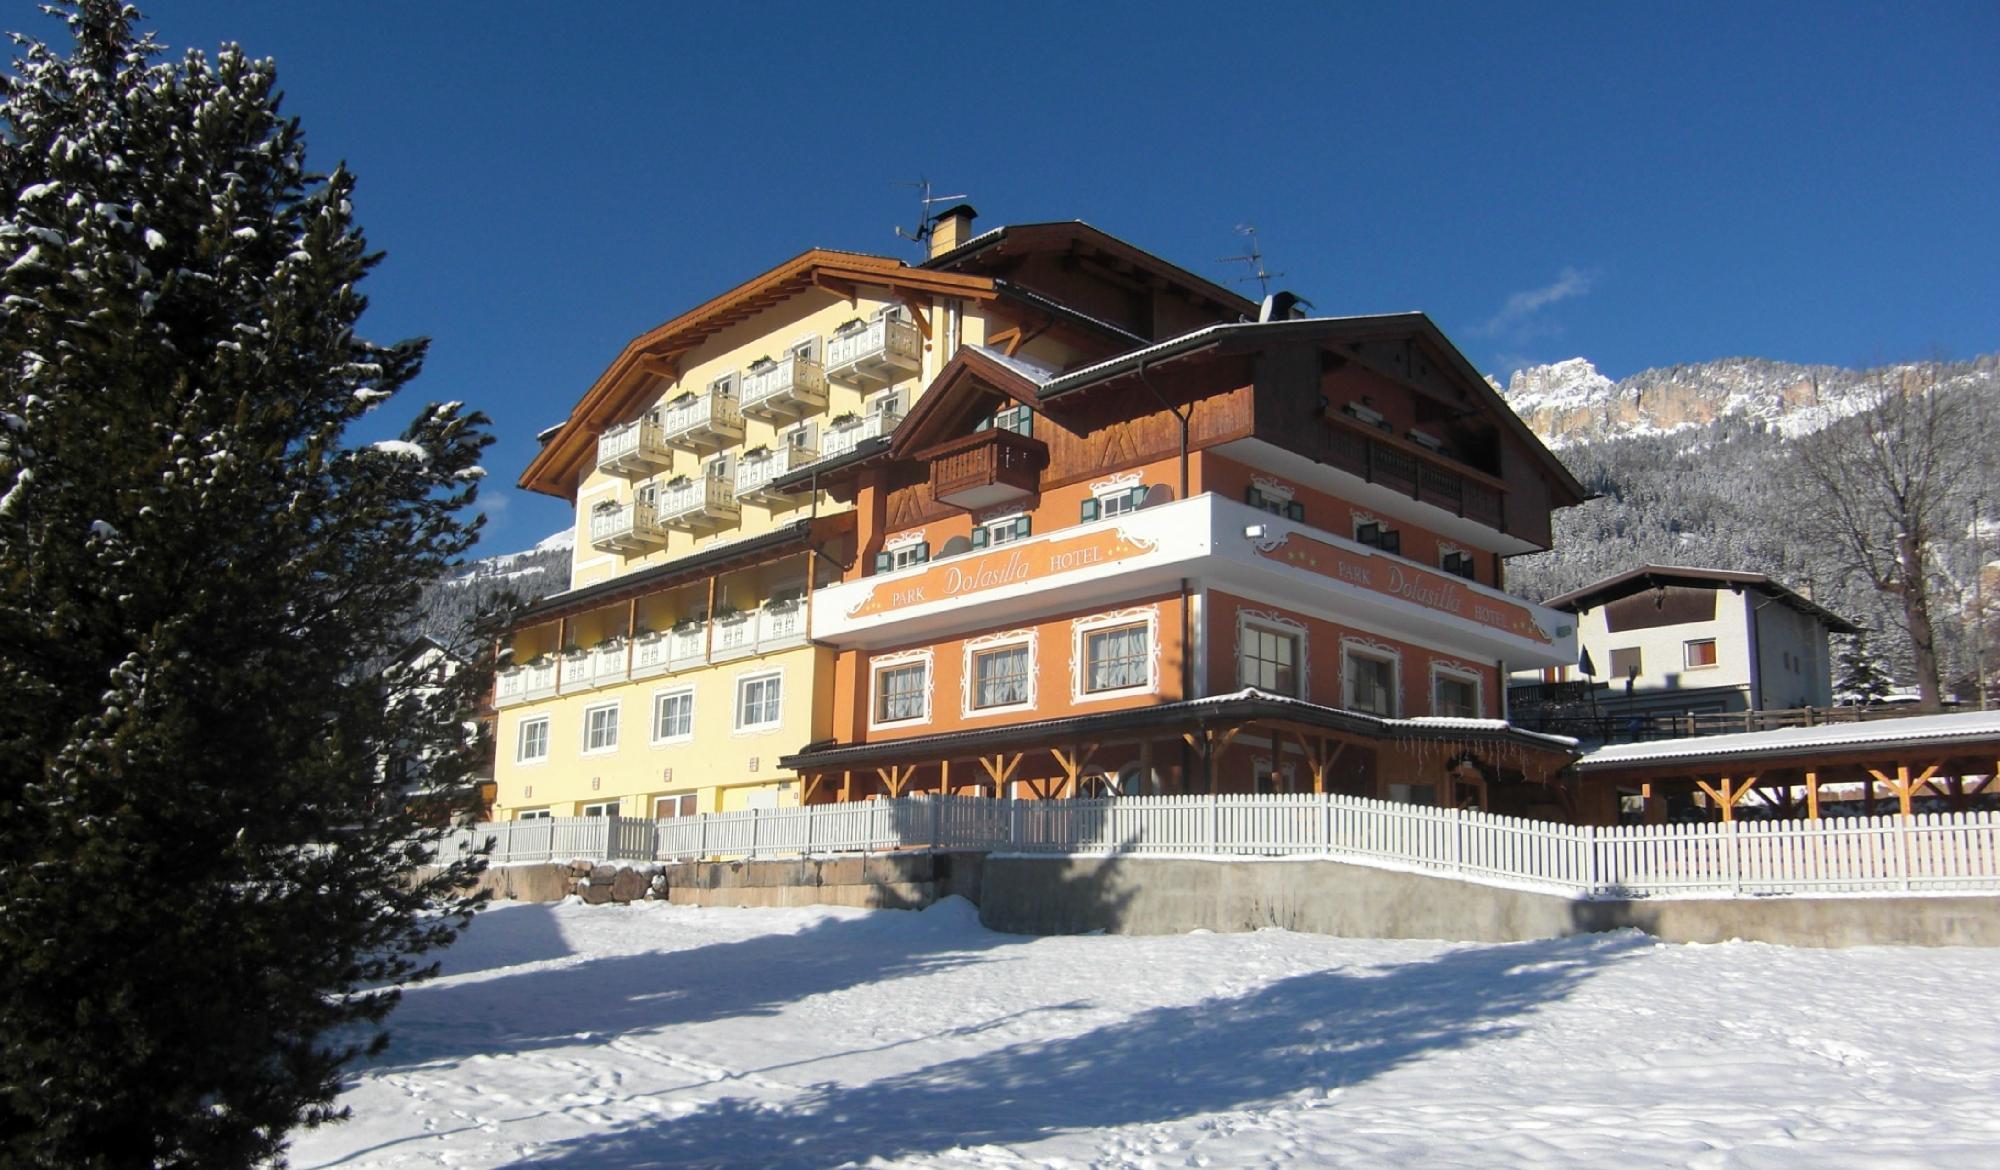 Hotel Park Dolasilla